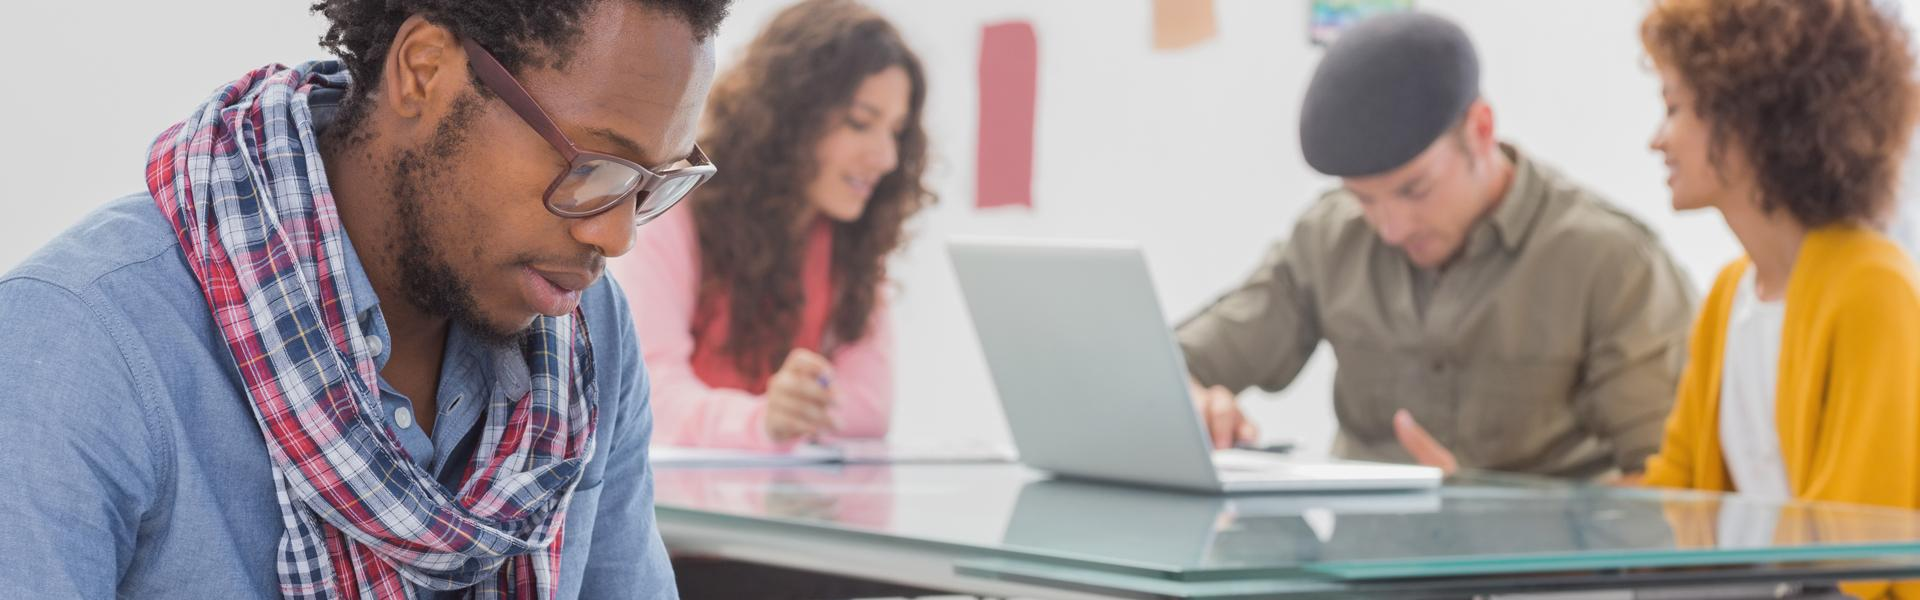 Projektmanagement Ausbildung und Zertifikate